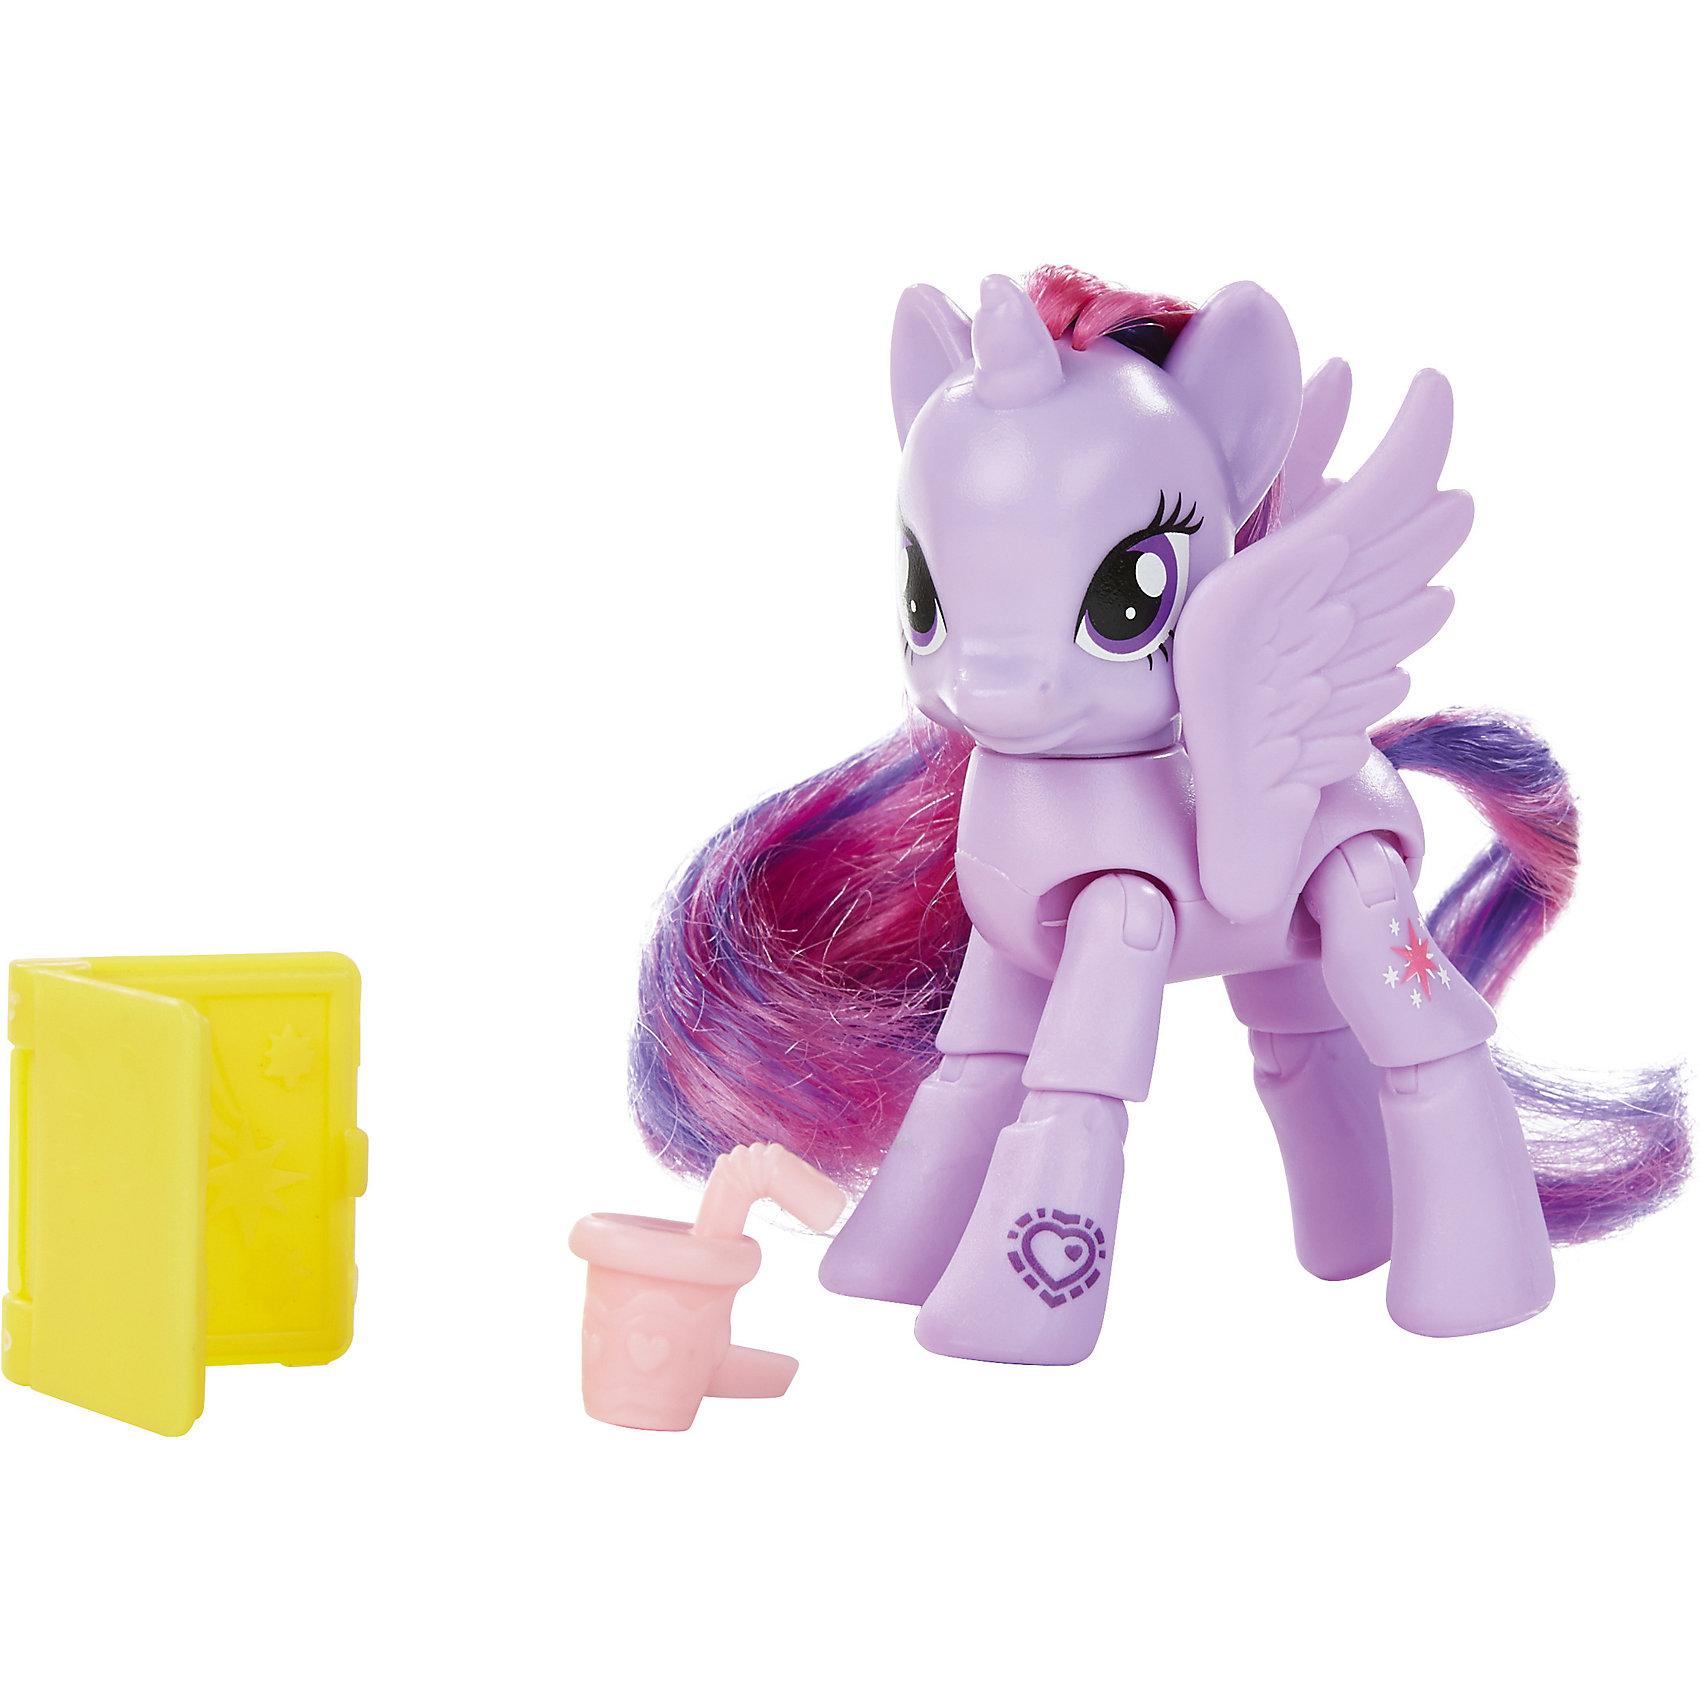 Принцесса Твайлайт Спаркл, Дружба - это чудо!, My little PonyИгрушки<br>Пони с 8 точками артикуляции и аксессуарами с которыми здорово прогуляться по улочкам Мейнхеттена. Отсканируйте специальный код своим мобильным устройством, и откройте новые функции в игровом мобильном приложении My Little Pony.<br><br>Ширина мм: 47<br>Глубина мм: 178<br>Высота мм: 47<br>Вес г: 150<br>Возраст от месяцев: 36<br>Возраст до месяцев: 120<br>Пол: Женский<br>Возраст: Детский<br>SKU: 4661749